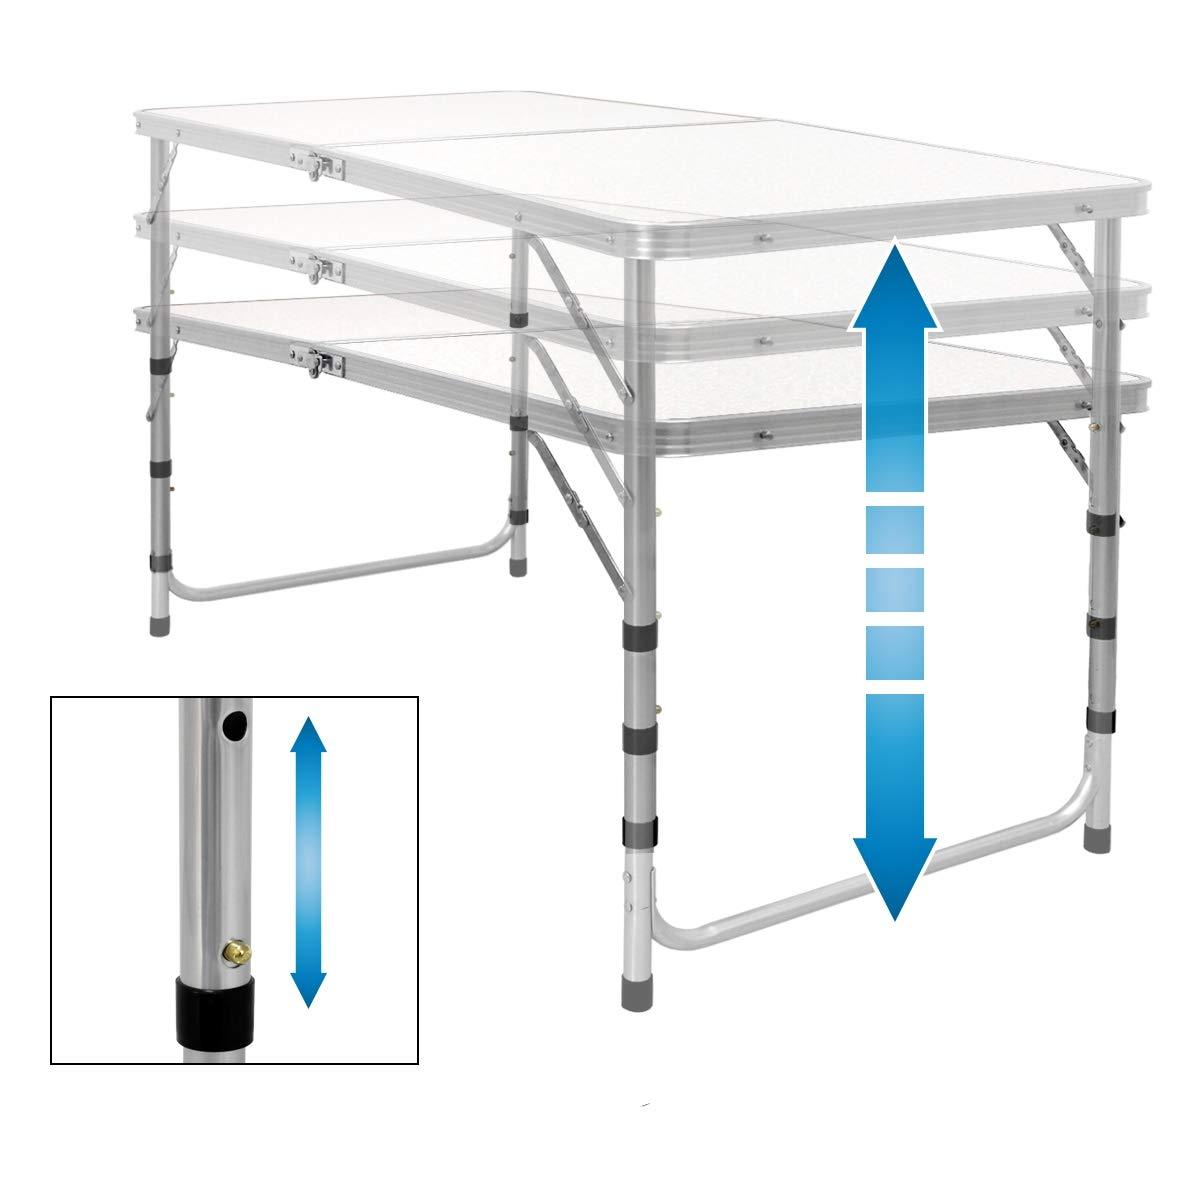 en aluminium et MDF hauteur r/églable table pliante ECD Germany Table de camping 120 x 60 x 55//63//70 cm blanc//cr/ème charni/ères